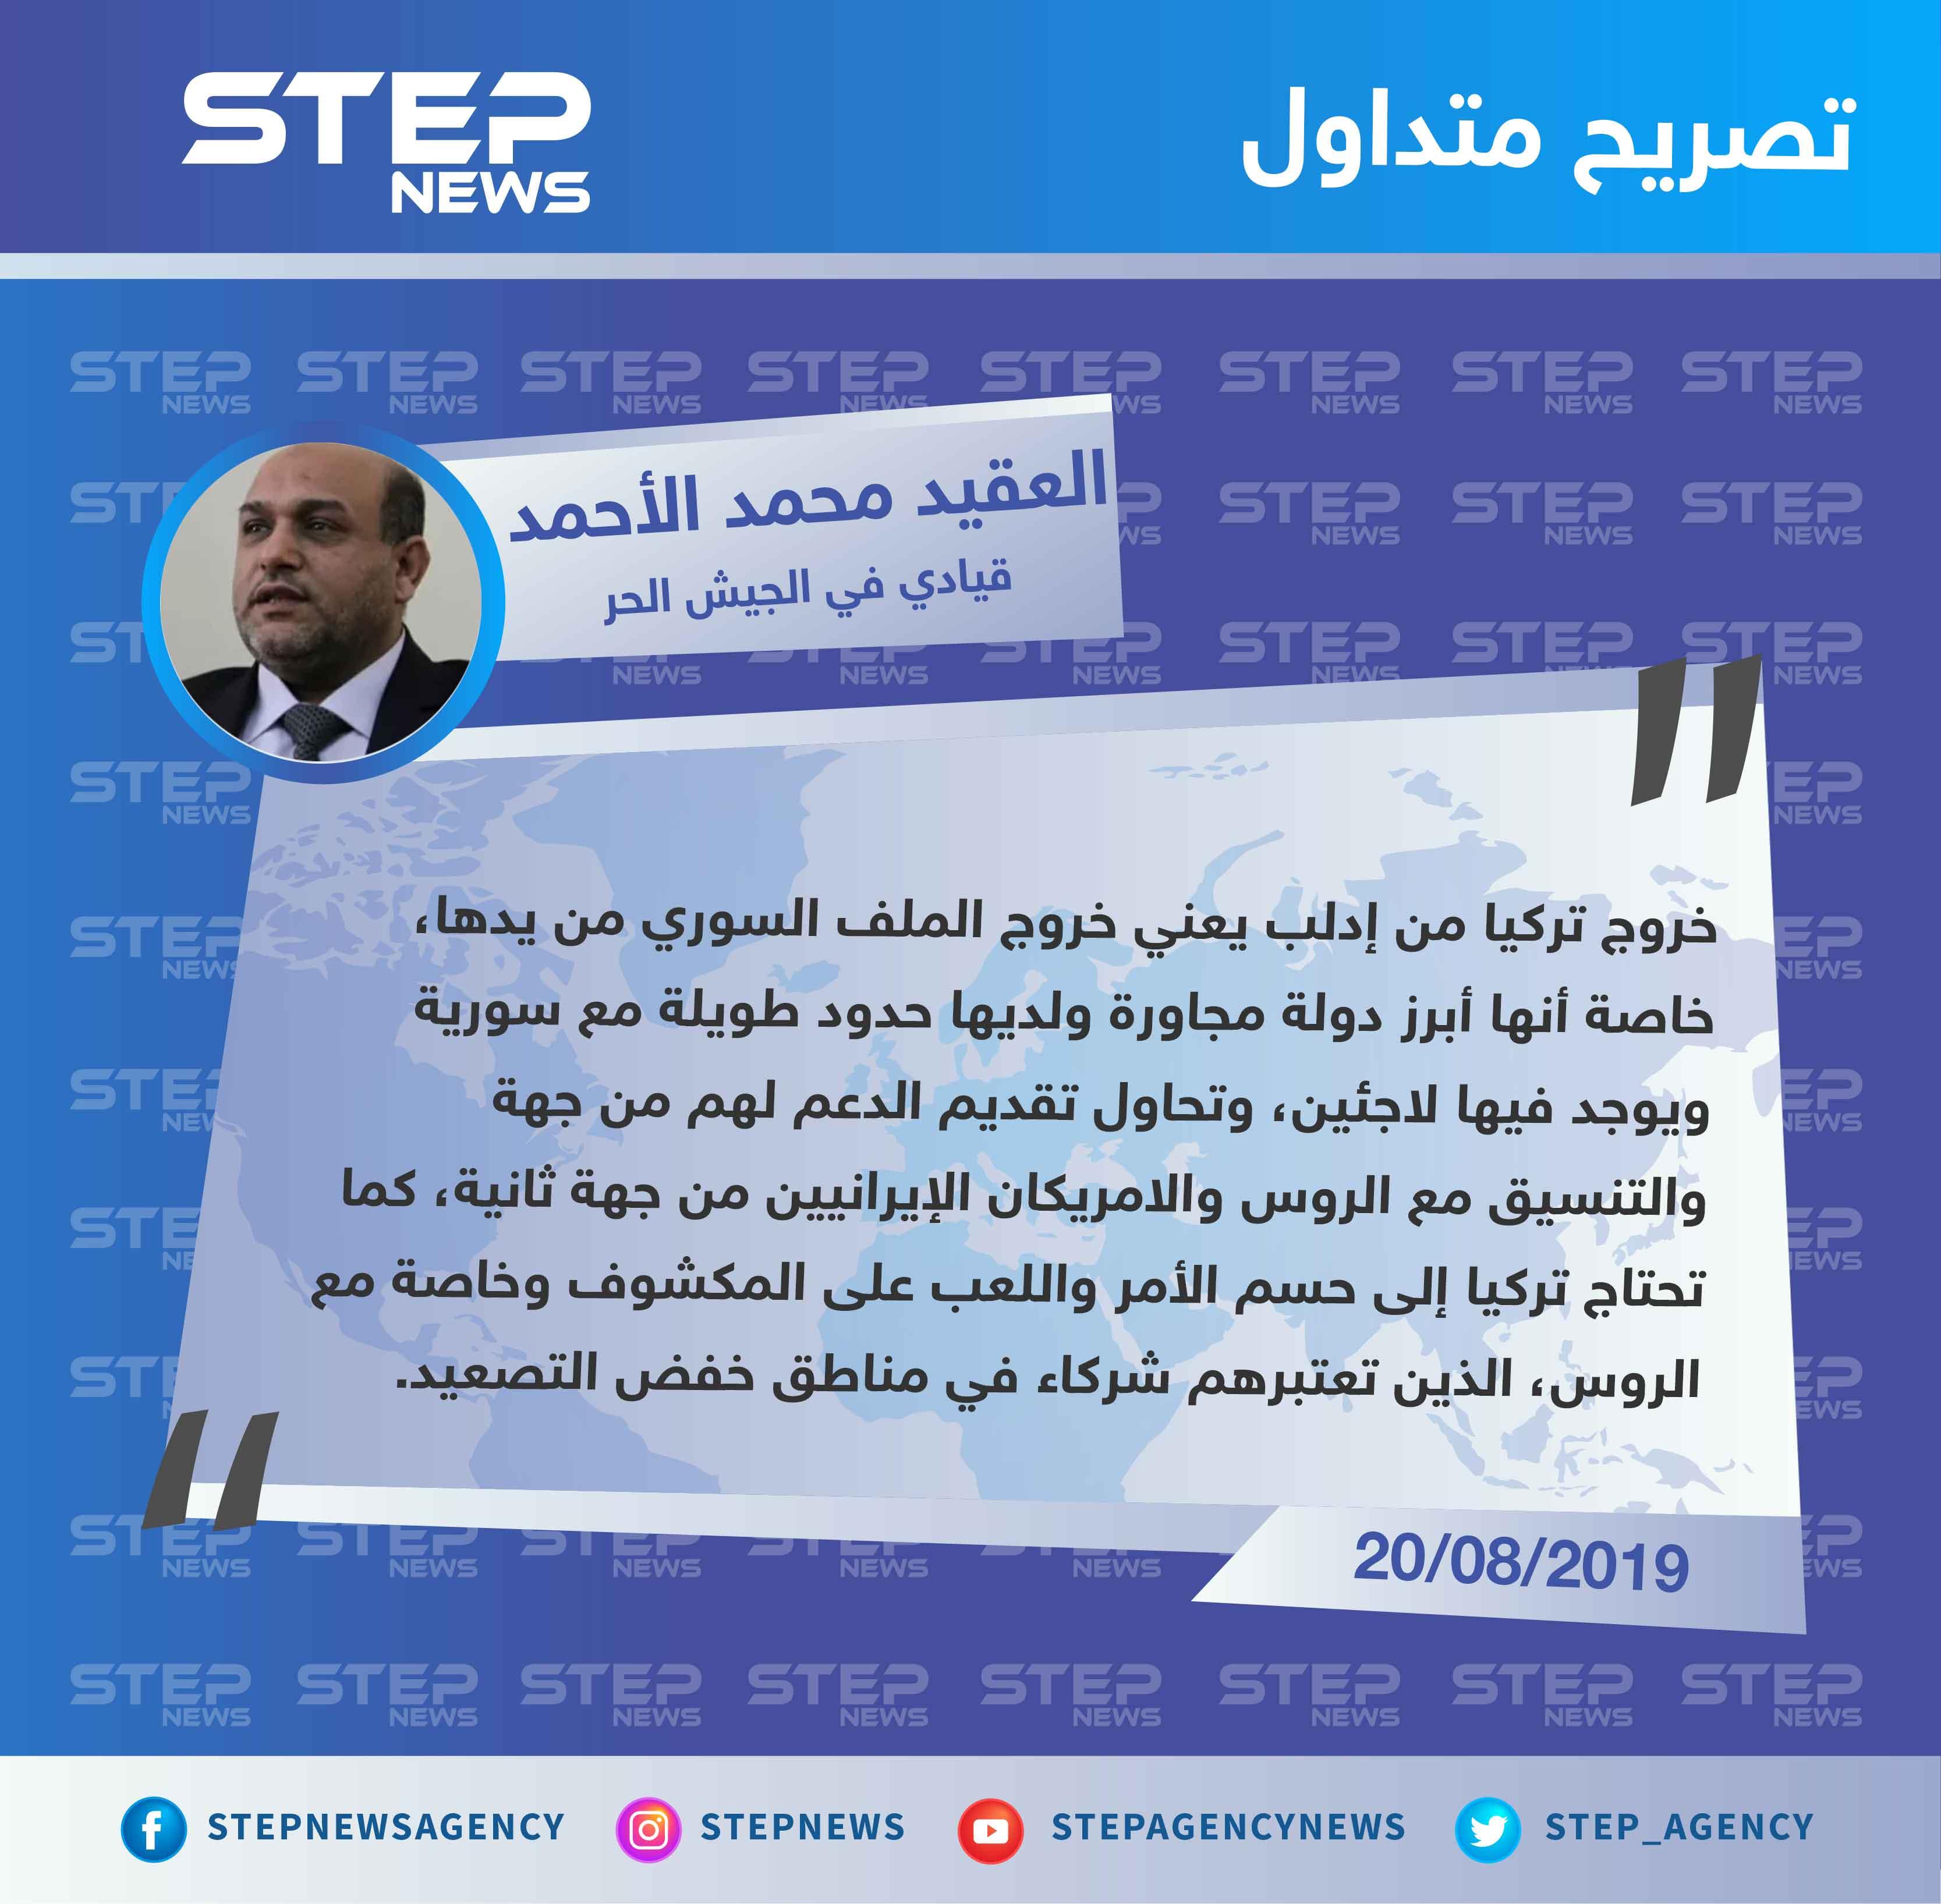 قيادي في الجيش الحر: خروج تركيا من إدلب يعني خروج الملف السوري من يدها